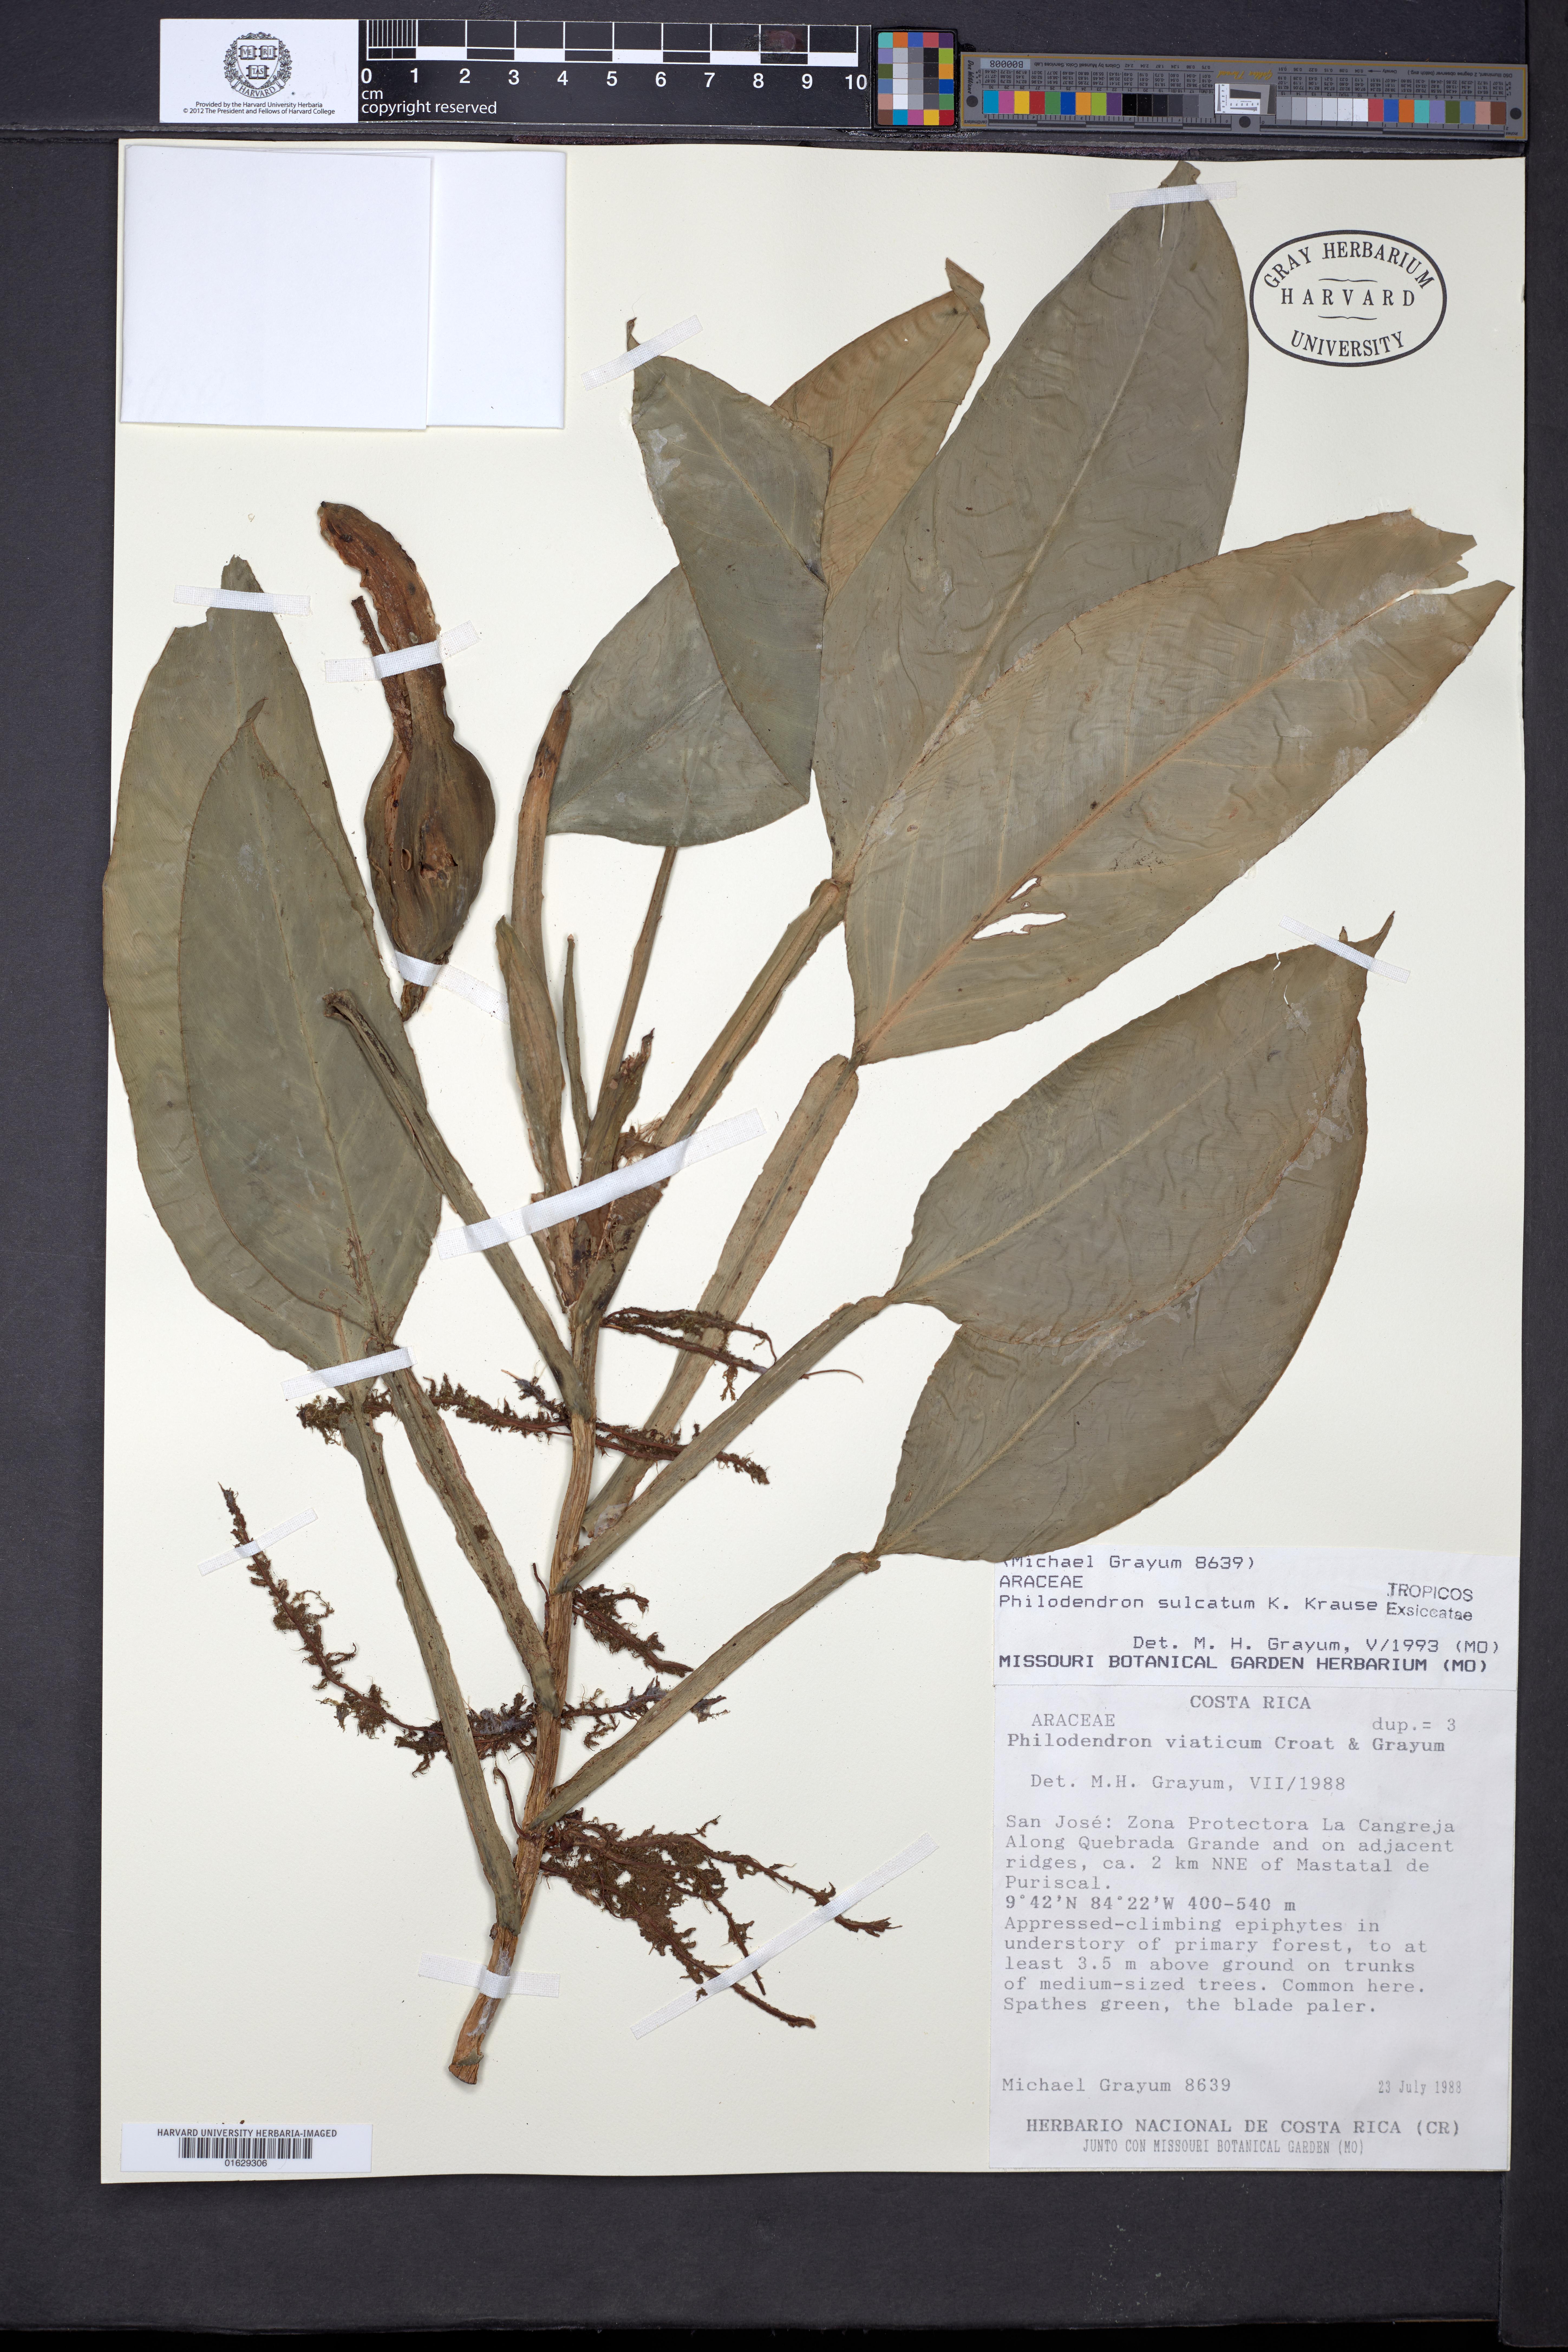 Philodendron sulcatum image